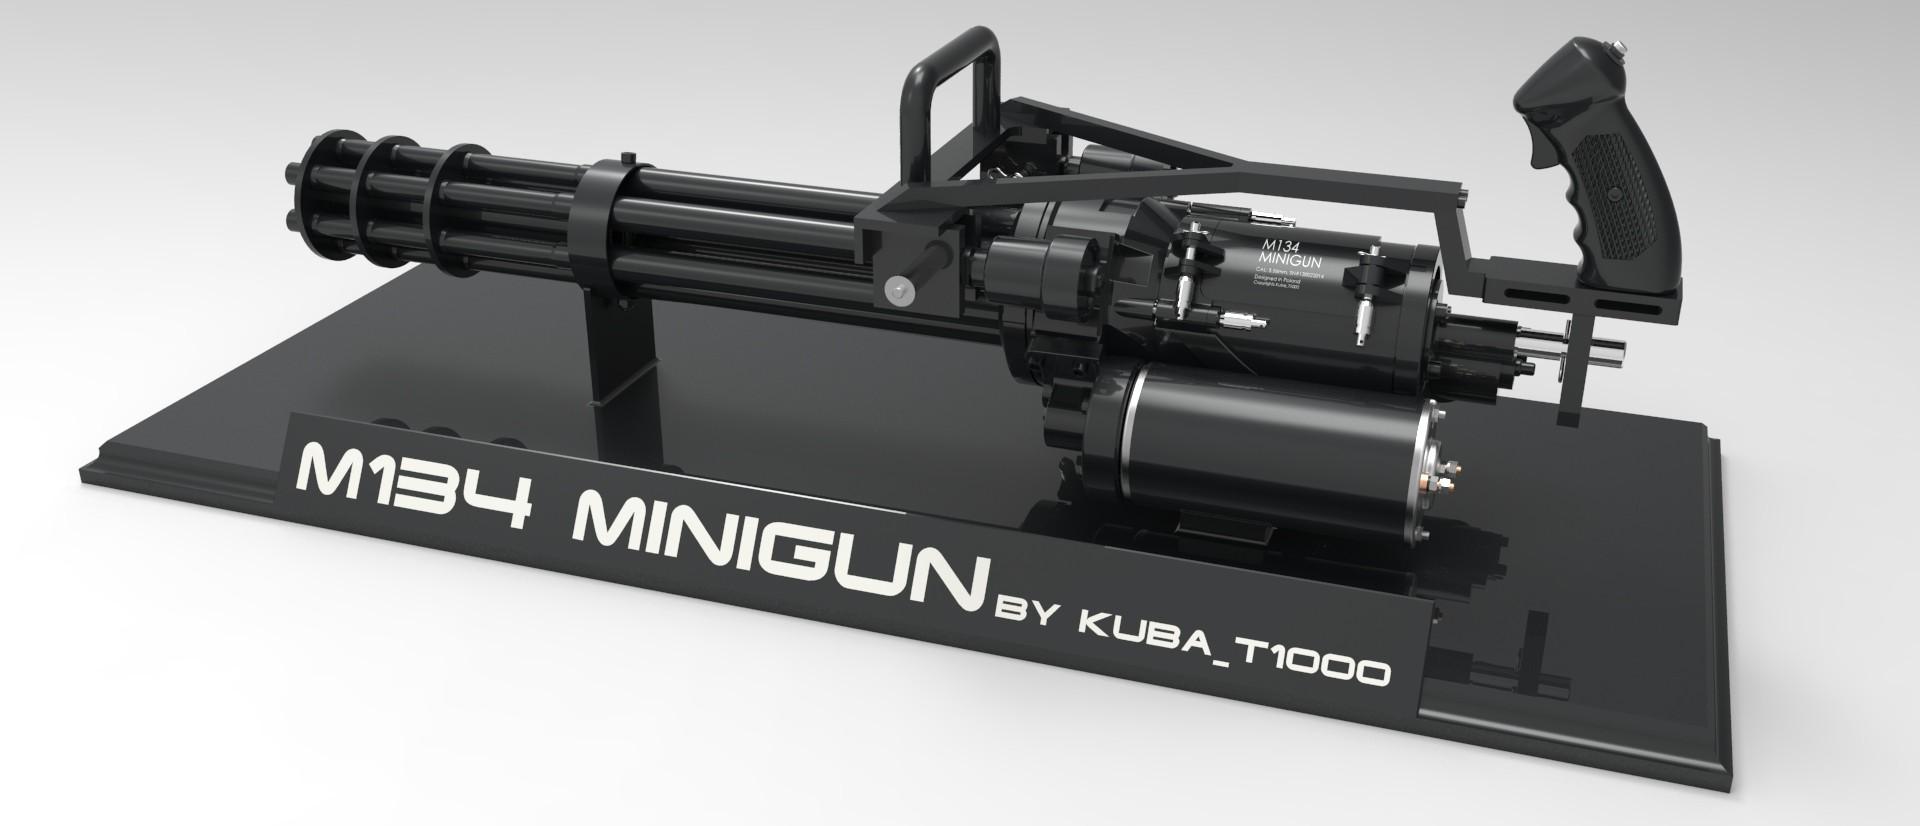 M134 by Kuba_T1000 0.jpg